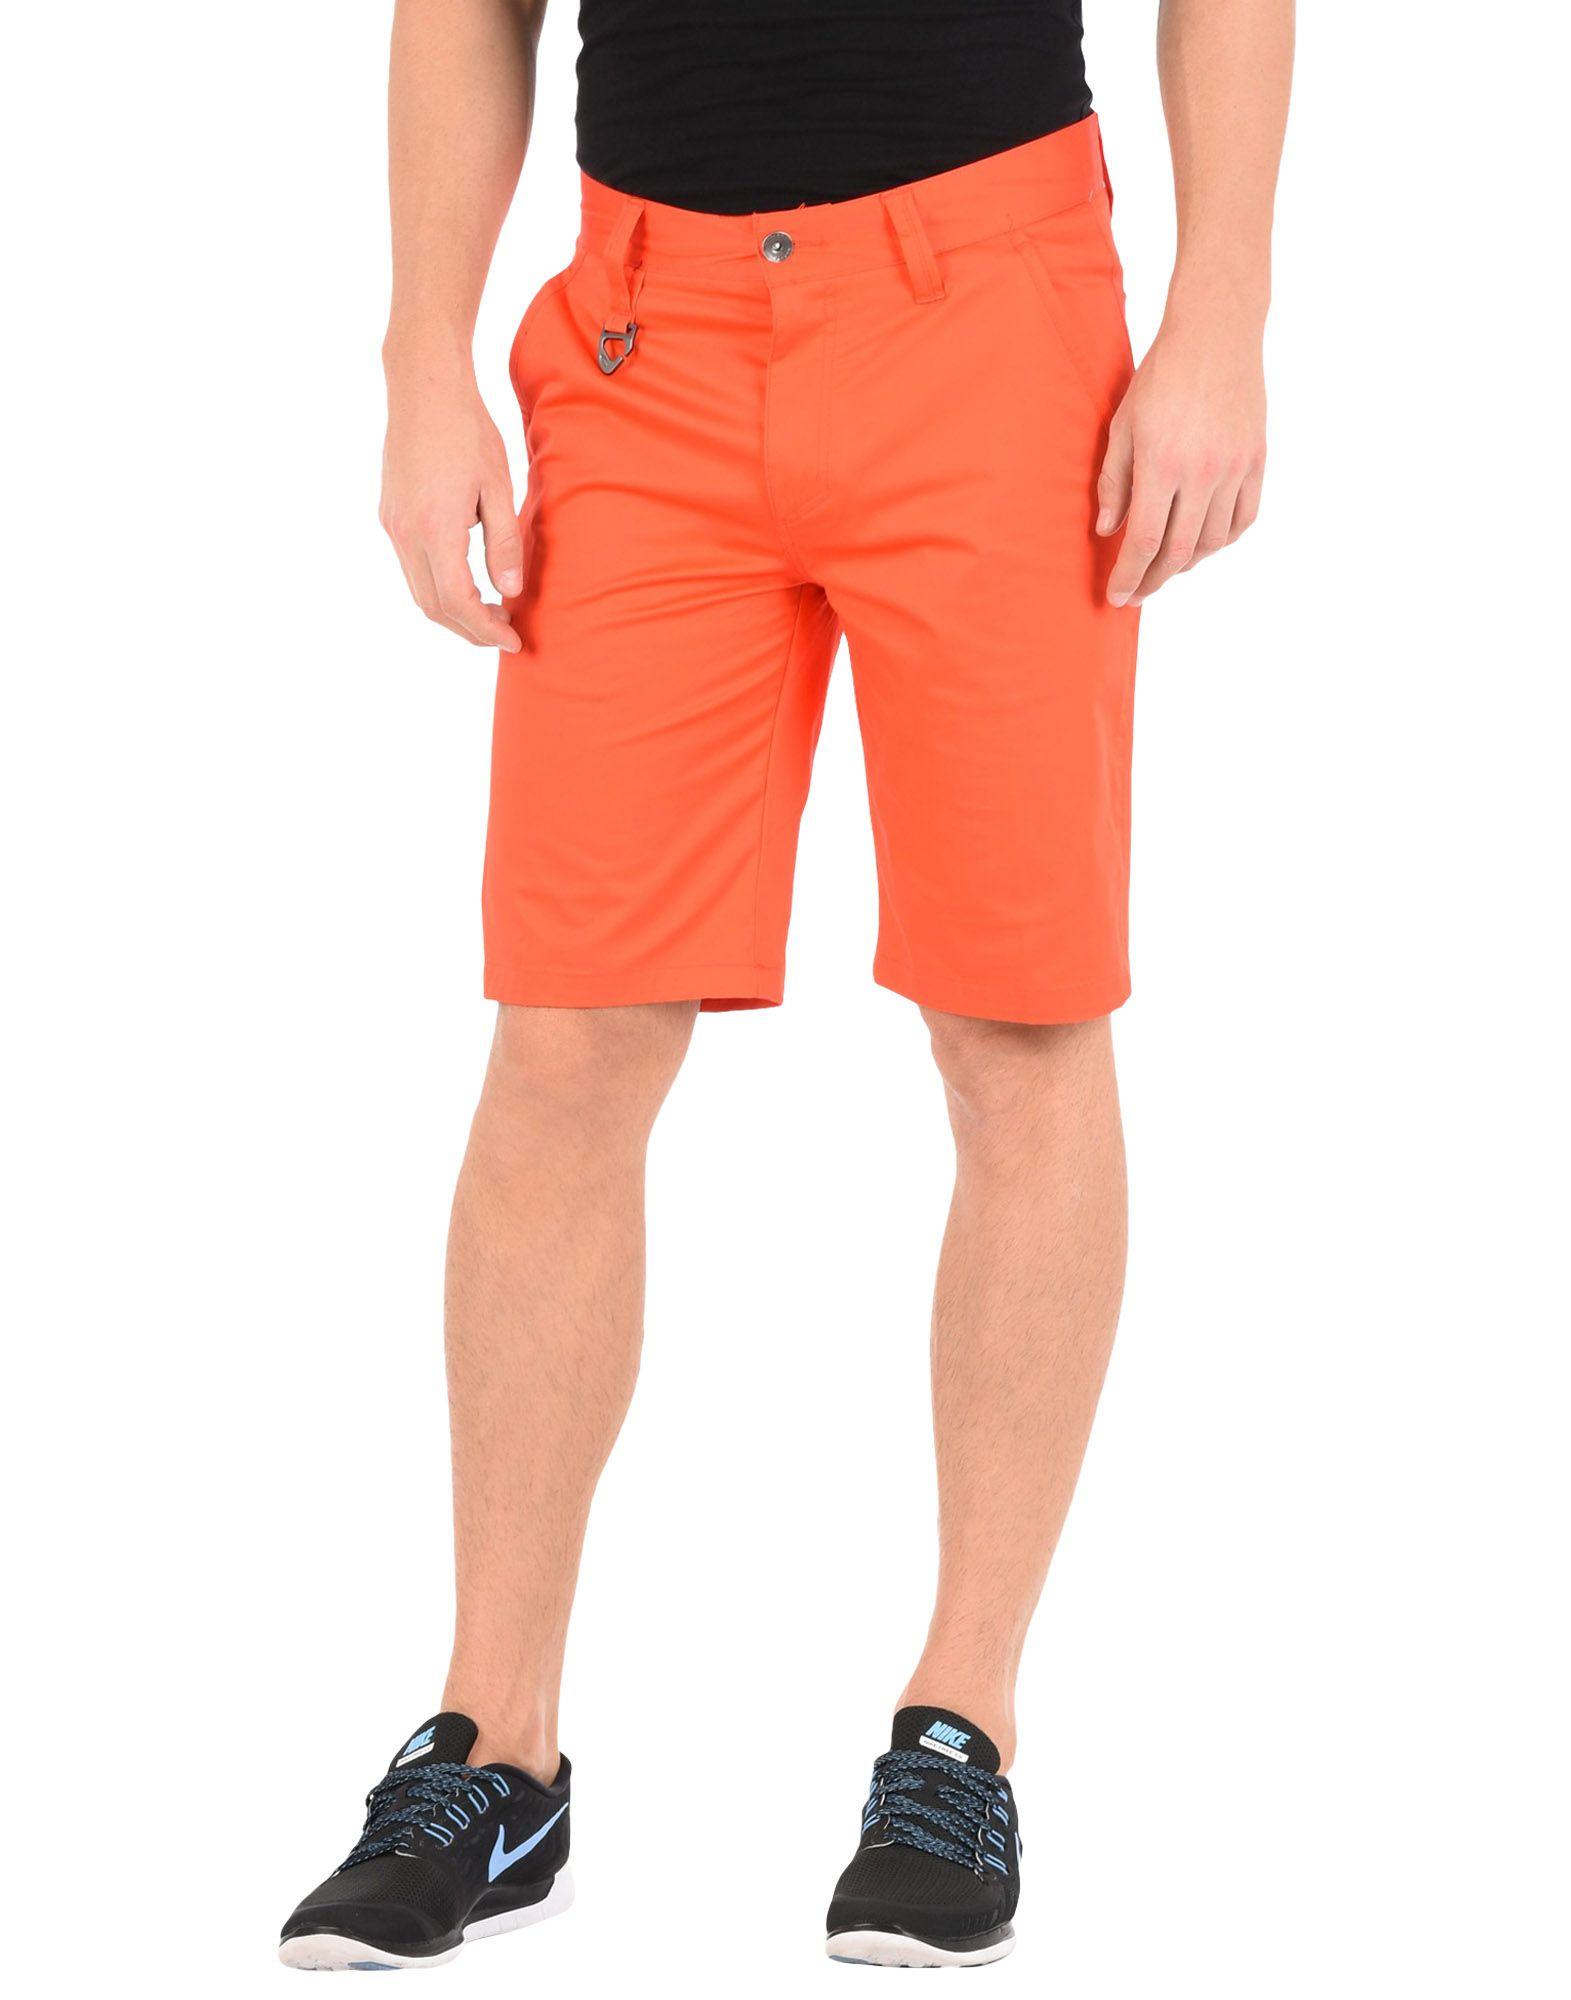 《送料無料》OAKLEY メンズ バミューダパンツ オレンジ 30 コットン 96% / ポリウレタン 4%